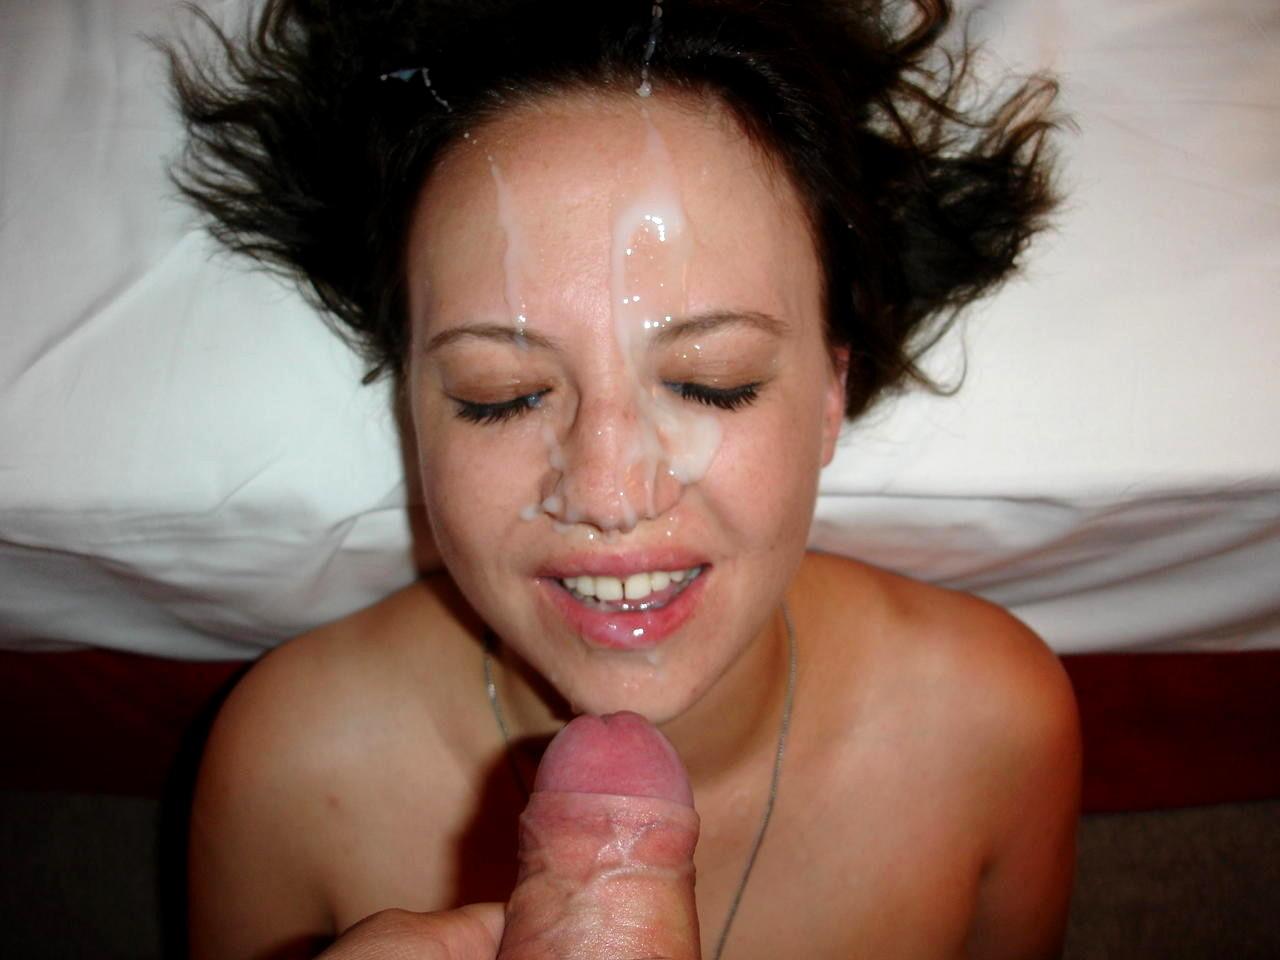 pov-facial-cumshot-girl-sex